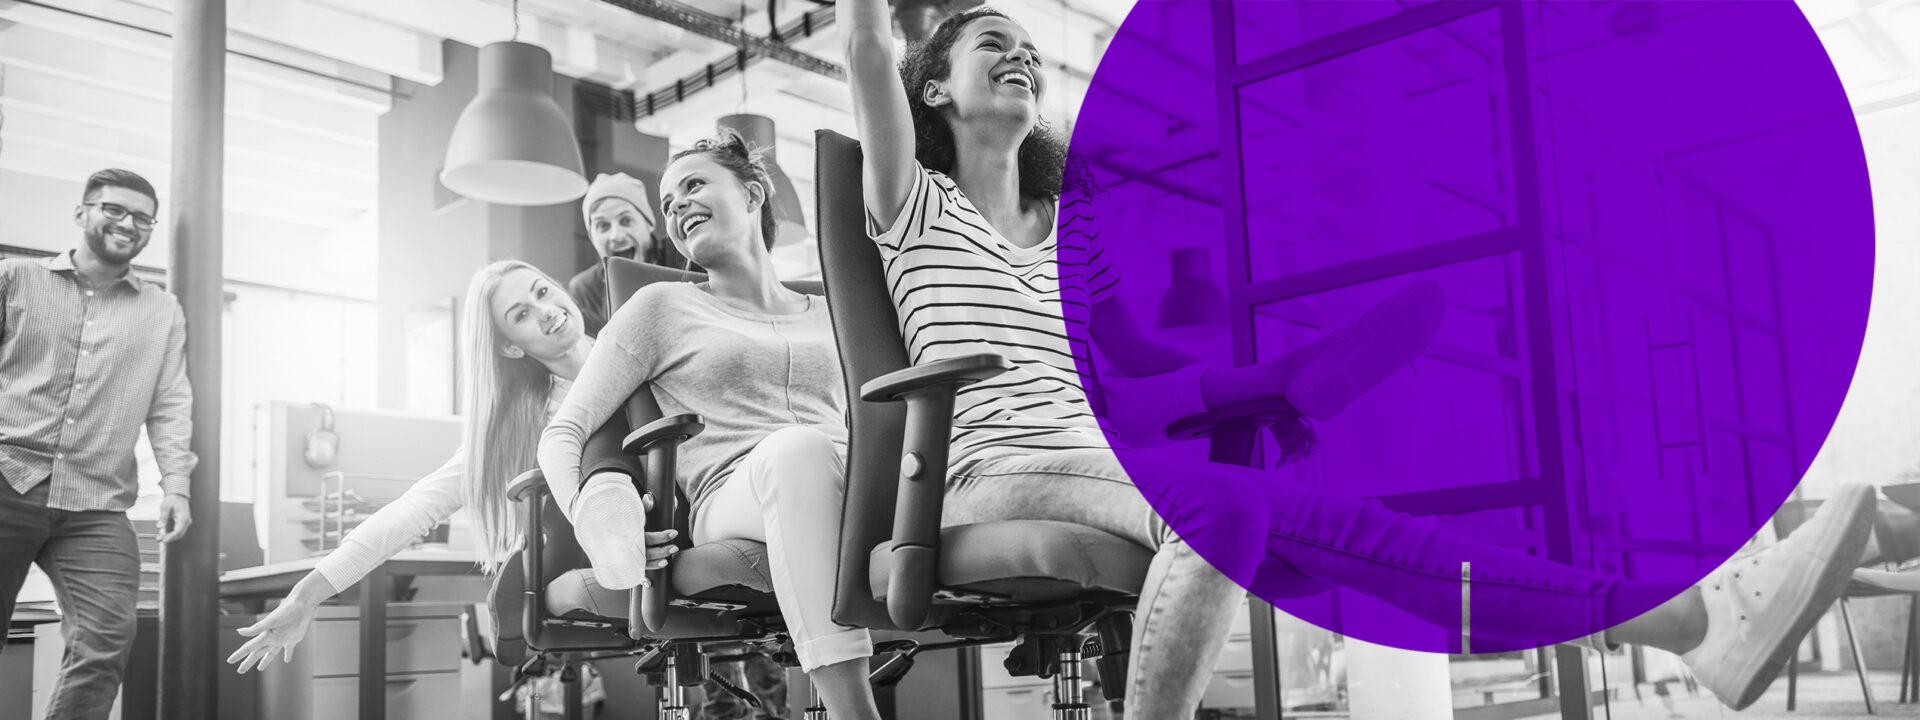 Workshop für Unternehmen, Führungskräfte und Teams - Ethische Unternehmensführung